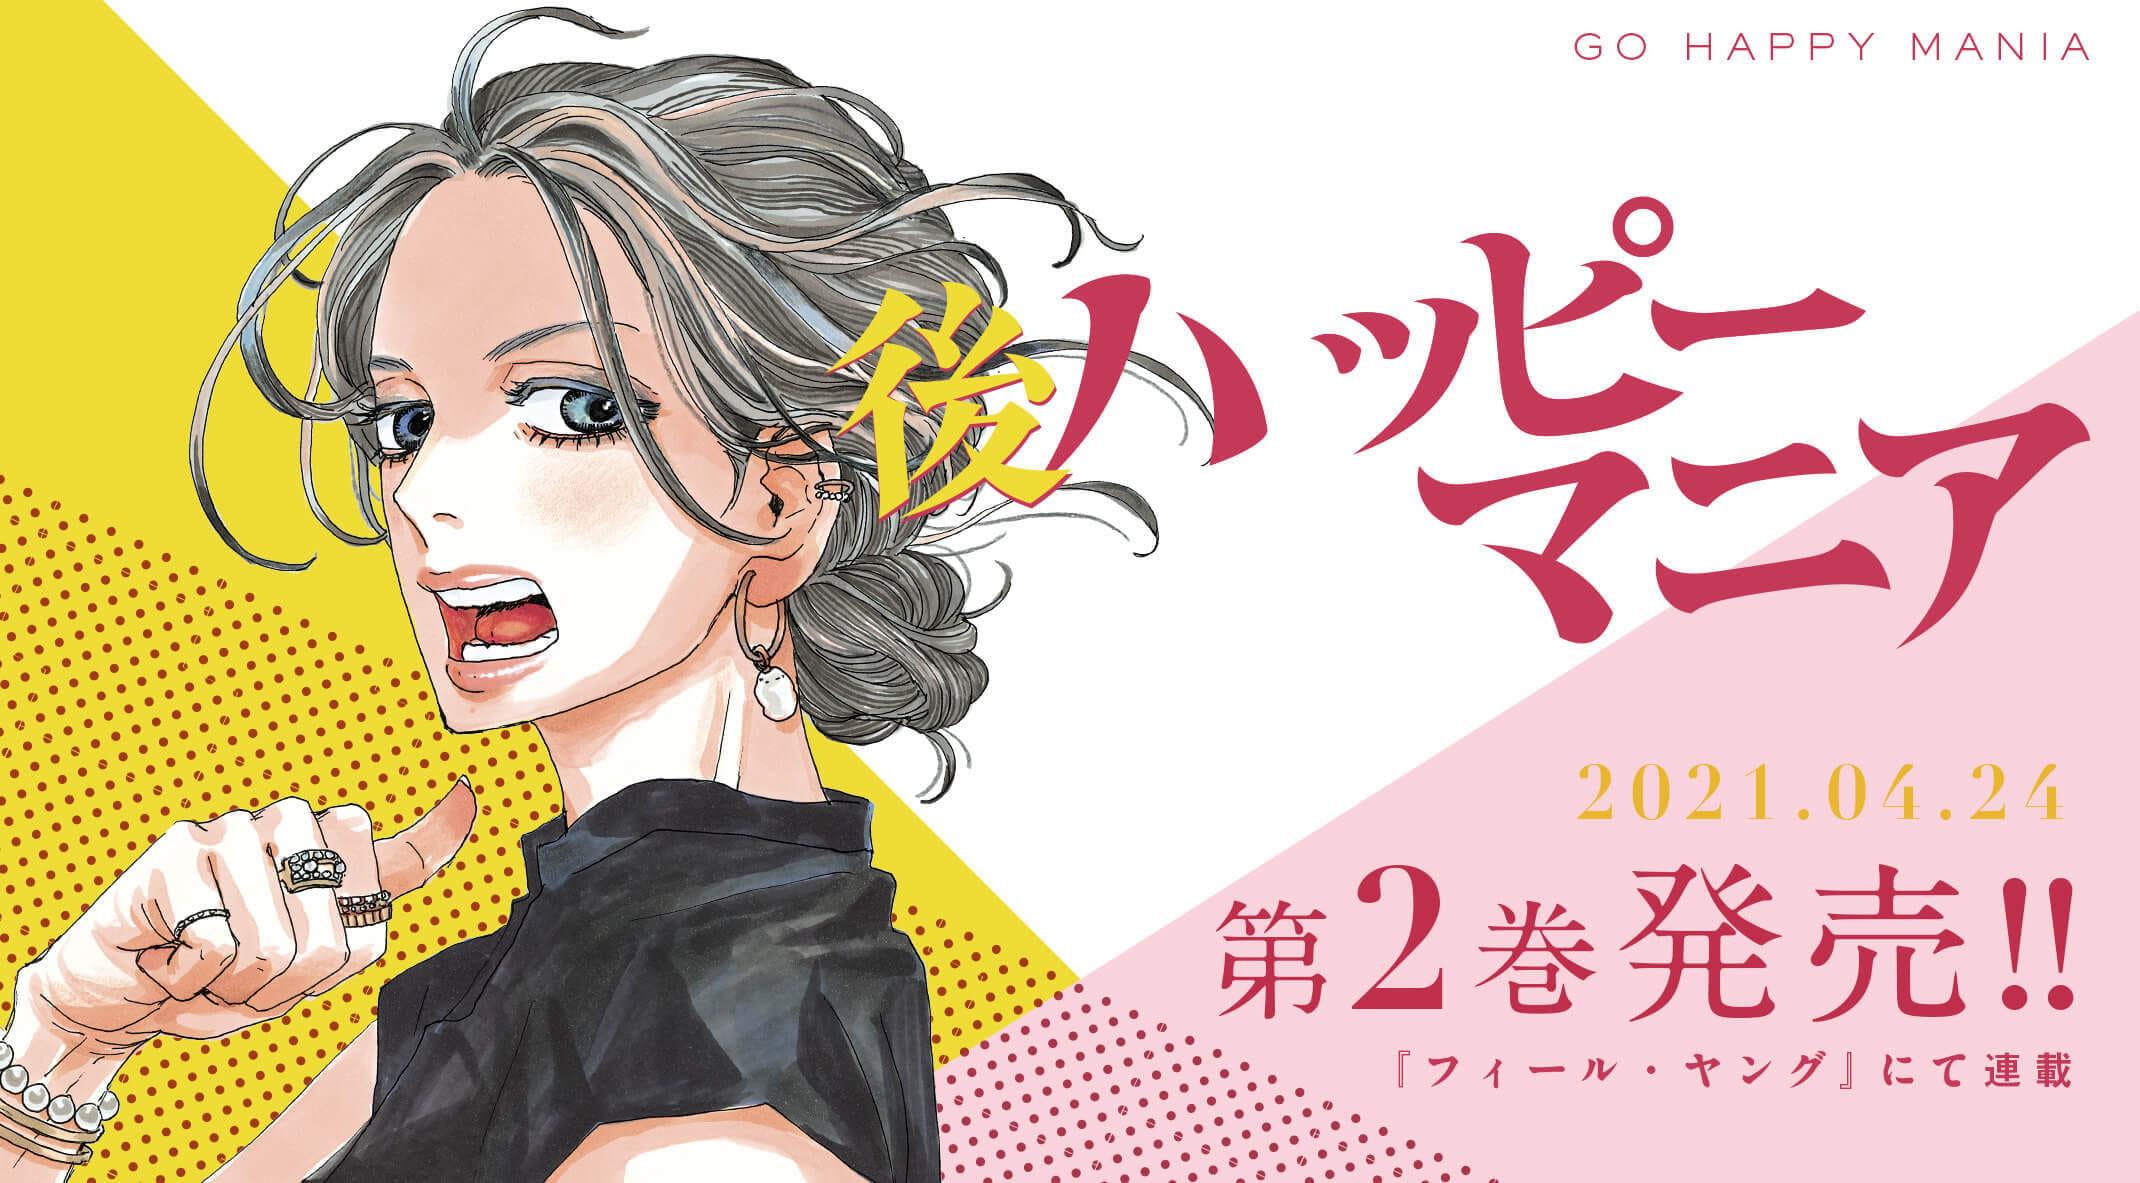 安野モヨコデビュー30周年記念